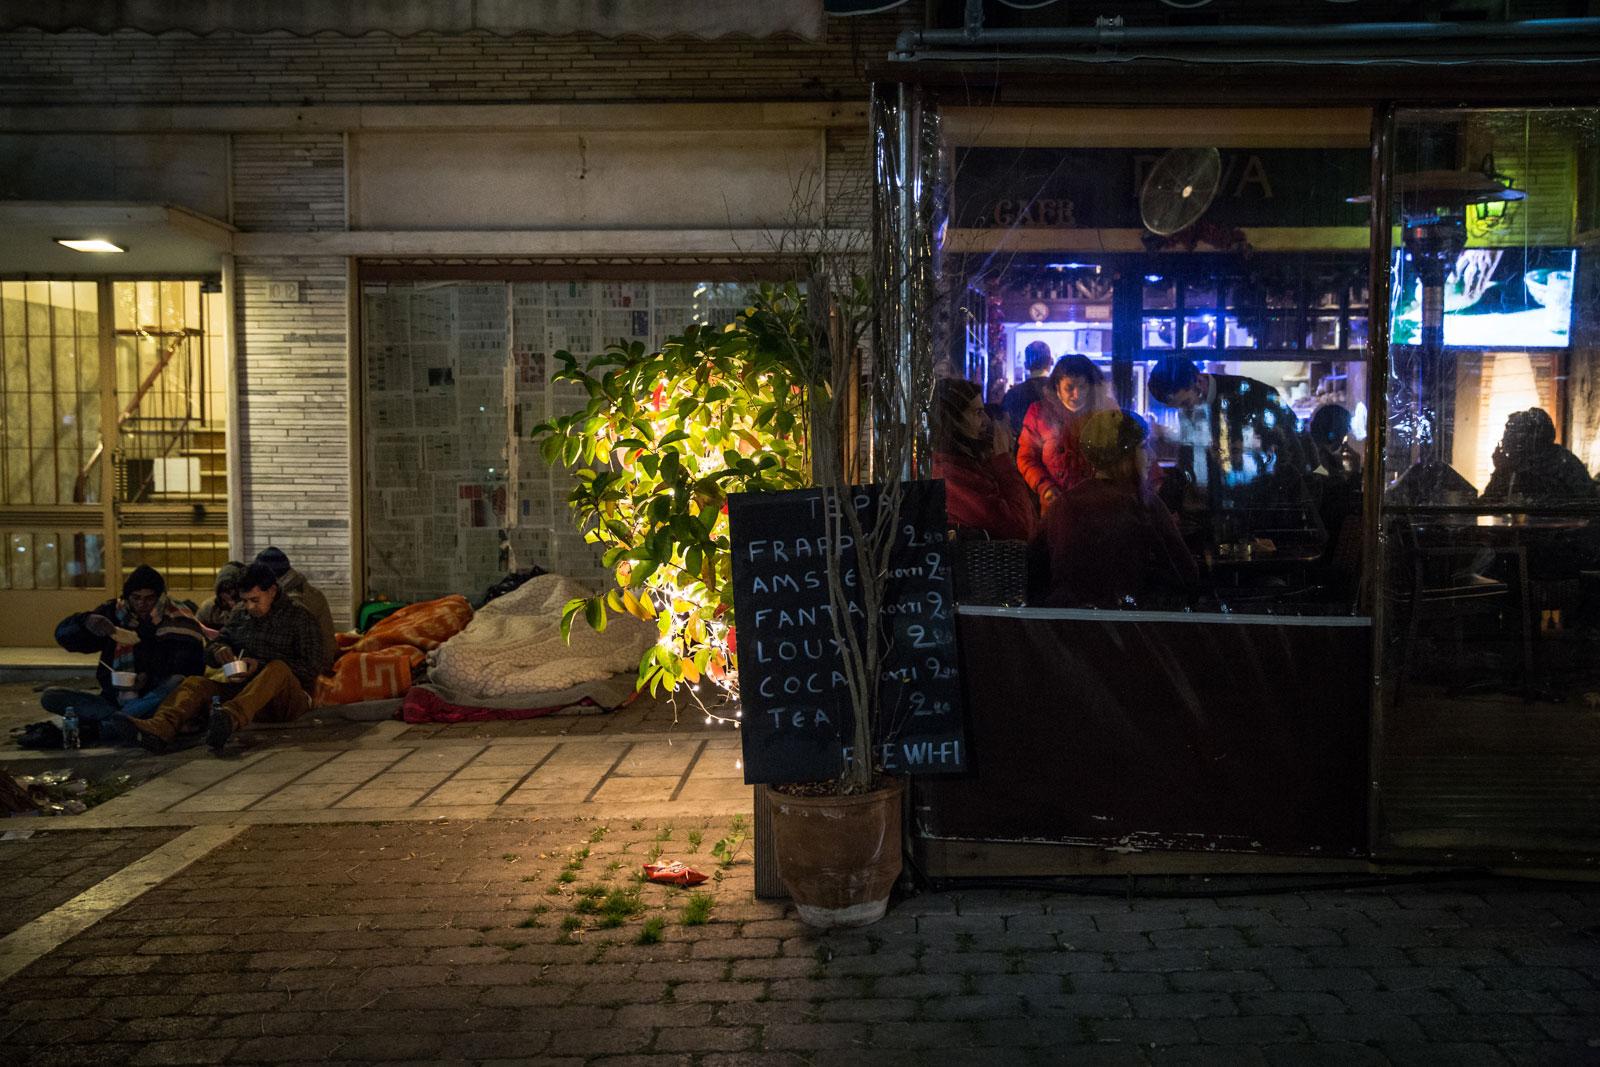 Pengungsi di Victoria Square sedang menikmati sup masakan para relawan selama malam Tahun Baru.